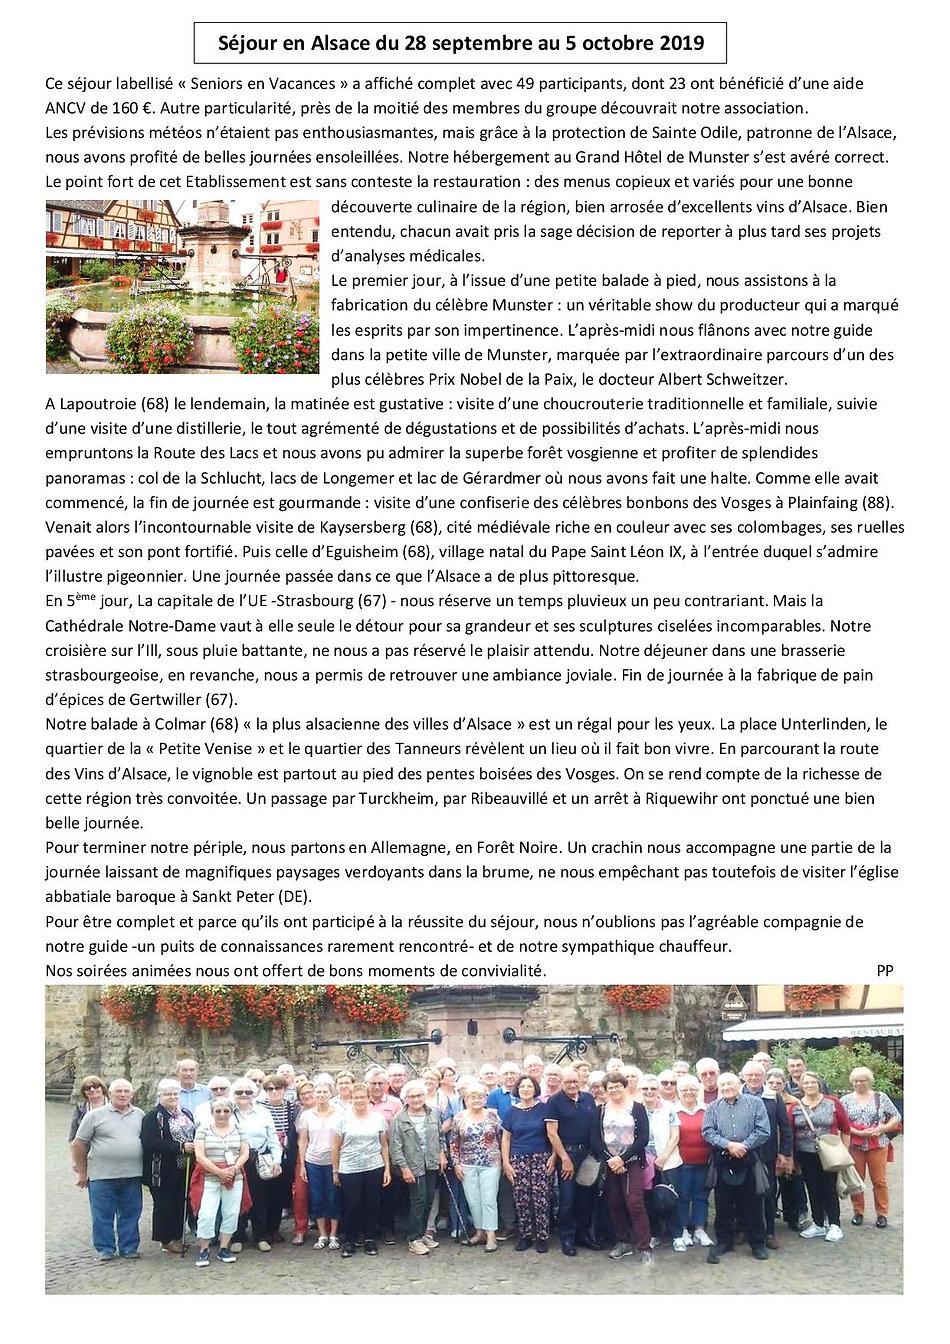 Séjour en Alsace  2019-page-001.jpg